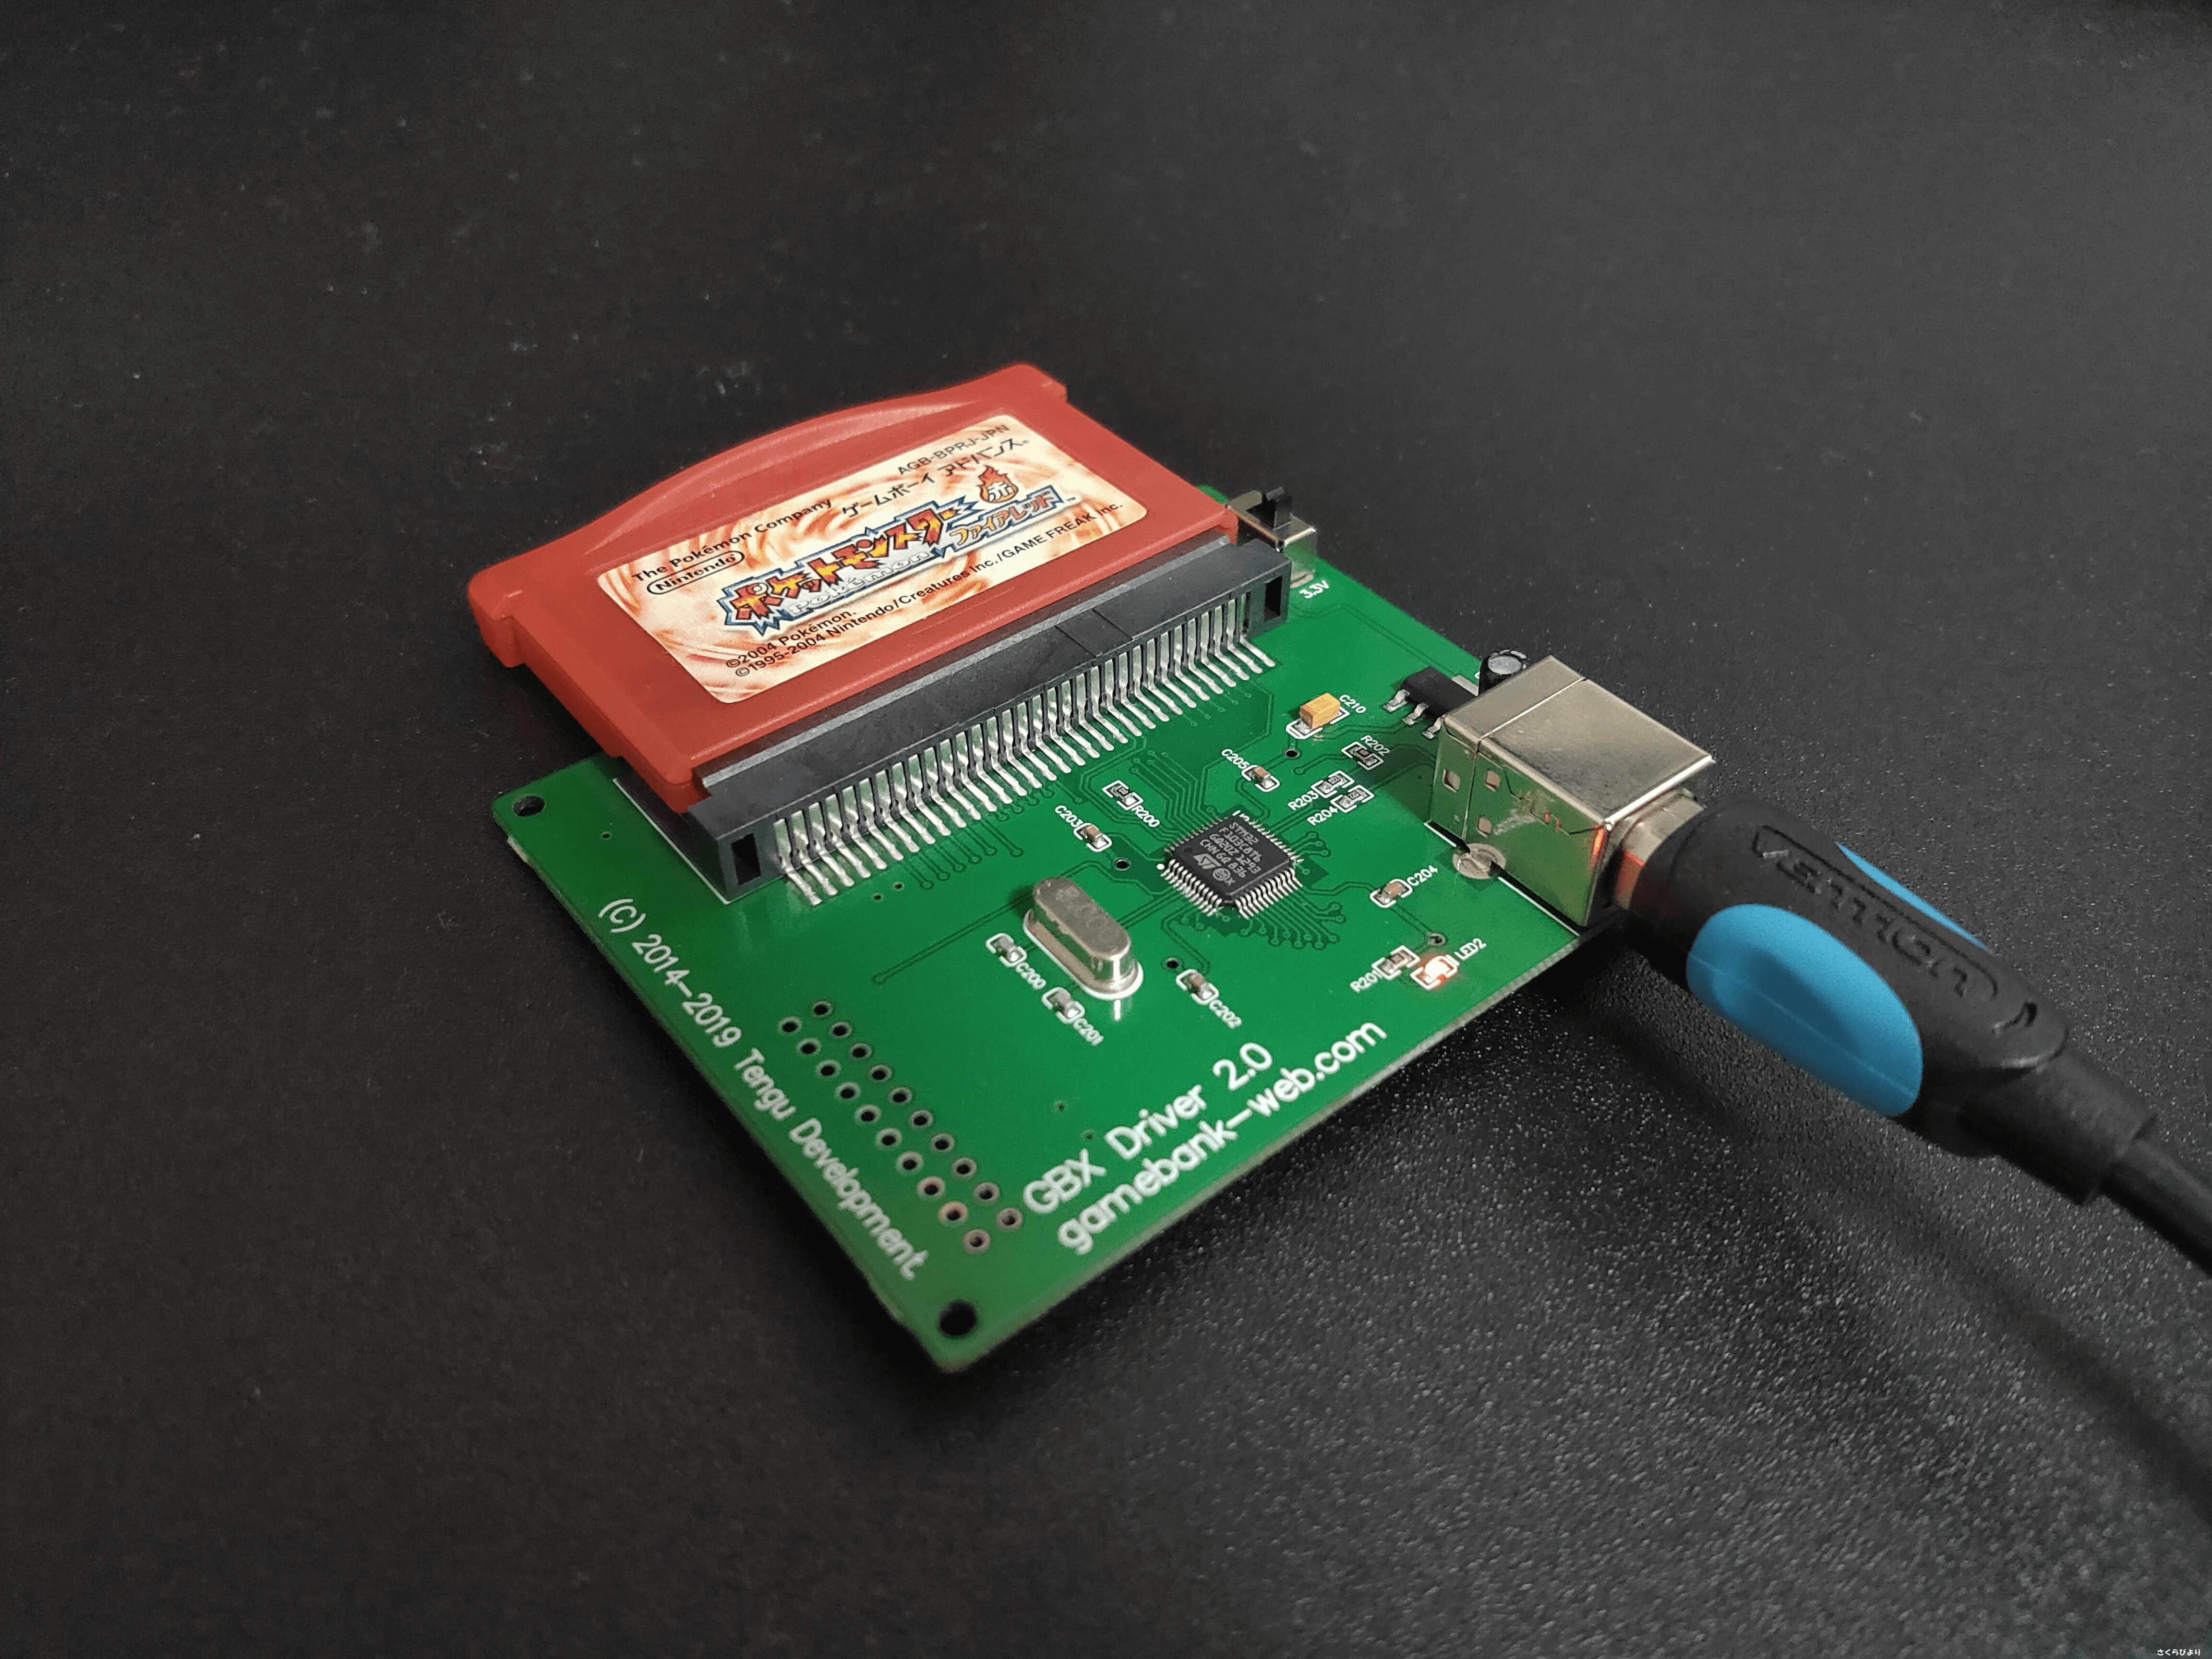 ダンパーにGBAのカセットを挿し、パソコンとダンパーを接続する